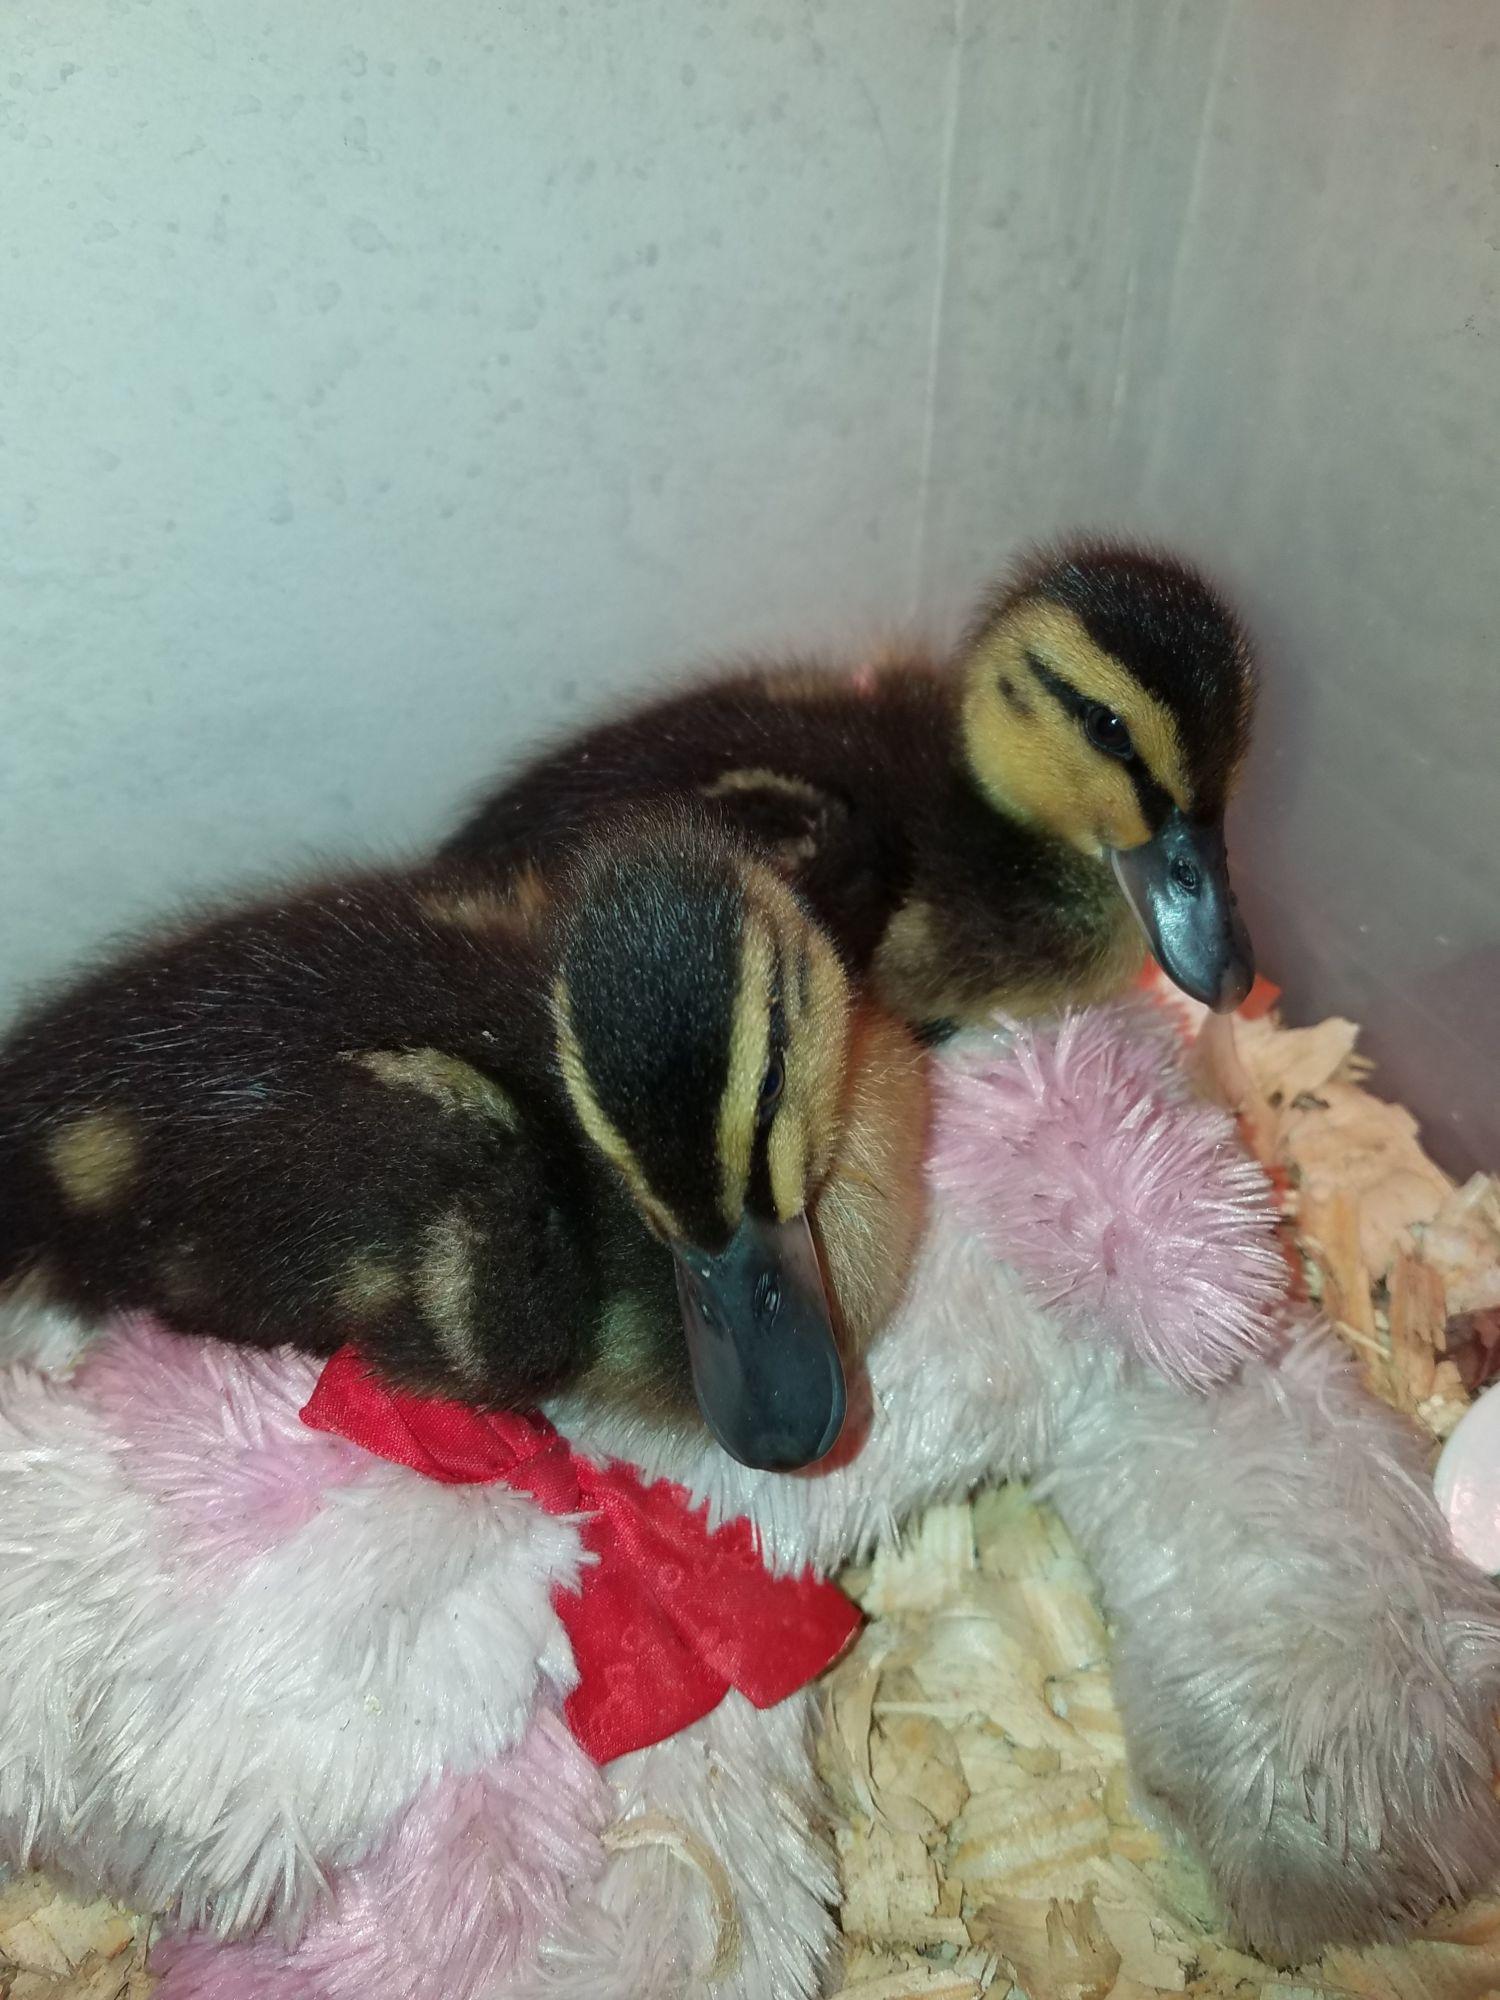 DianeS1978's photos in New at raising ducks